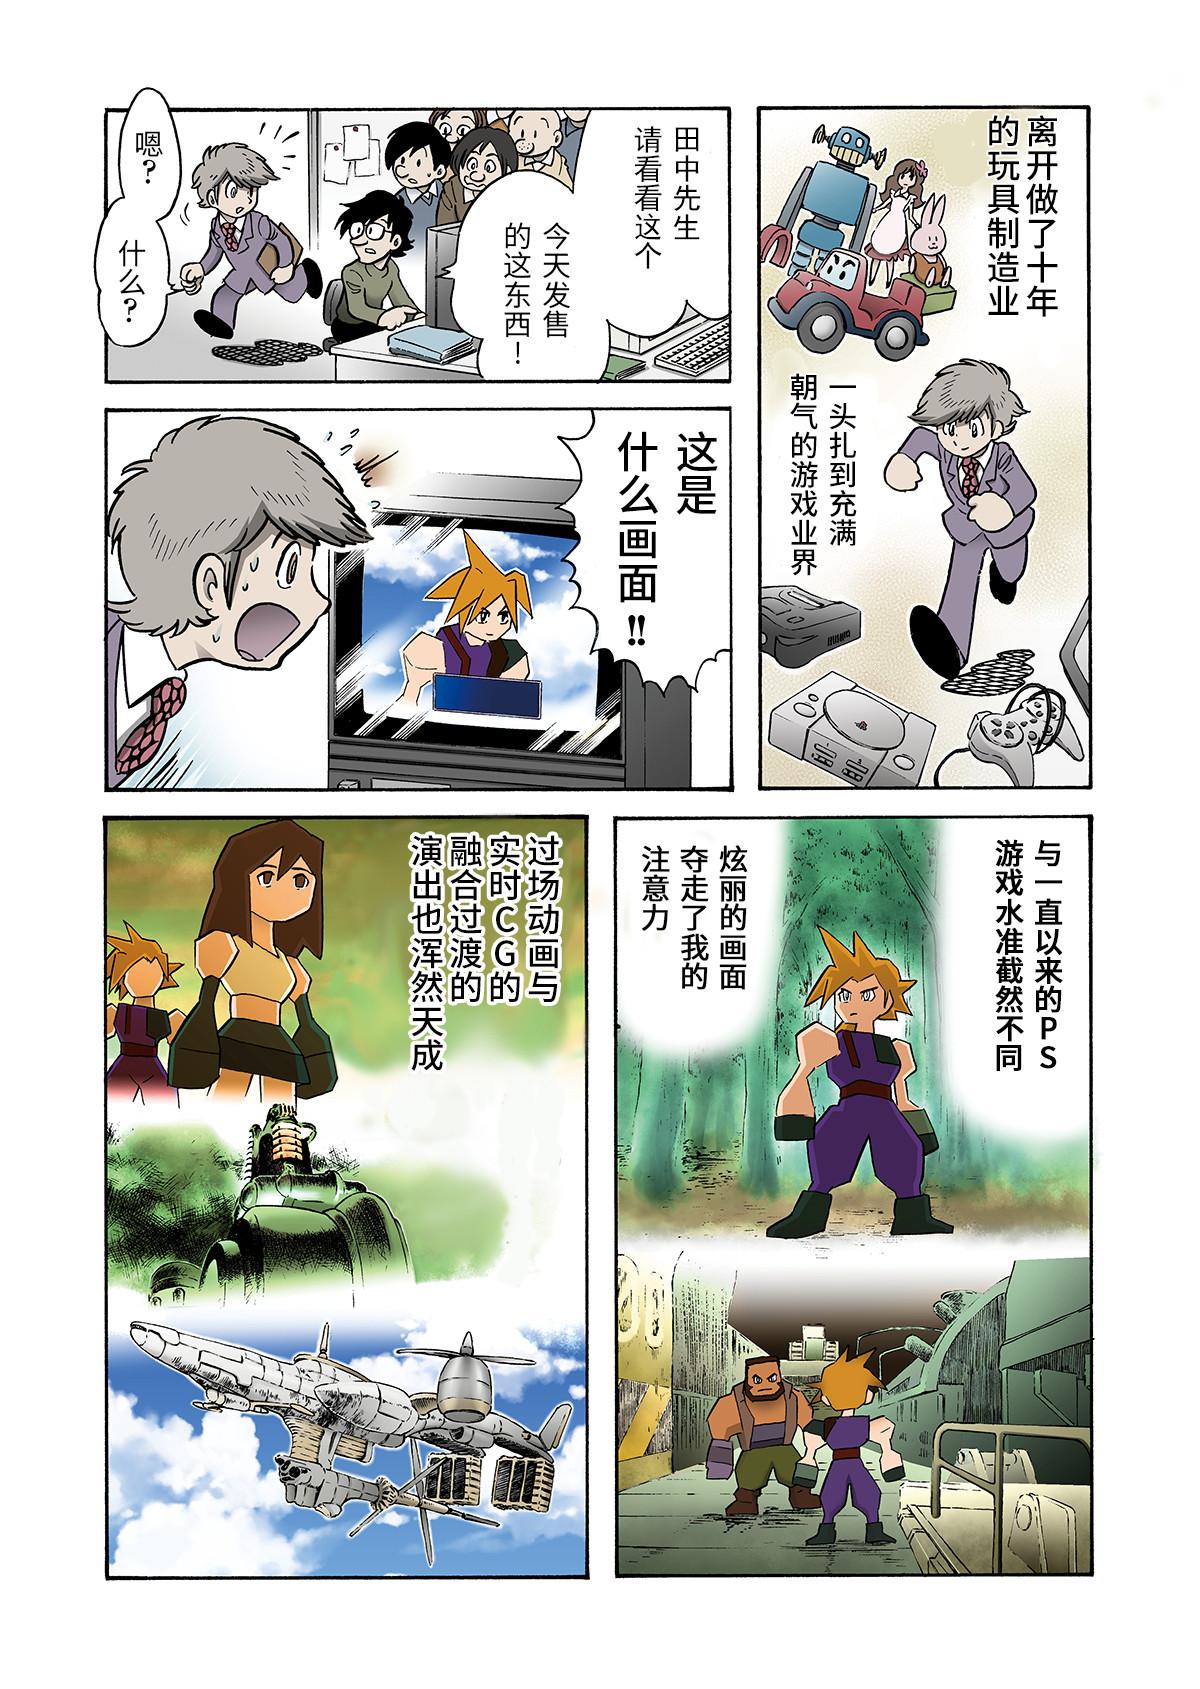 """【漫画游戏史】敢与""""龙头""""争高下,""""最终幻想""""系列的来历 ——《都是年少轻狂 ~游戏创作者的青春~》 图片3"""